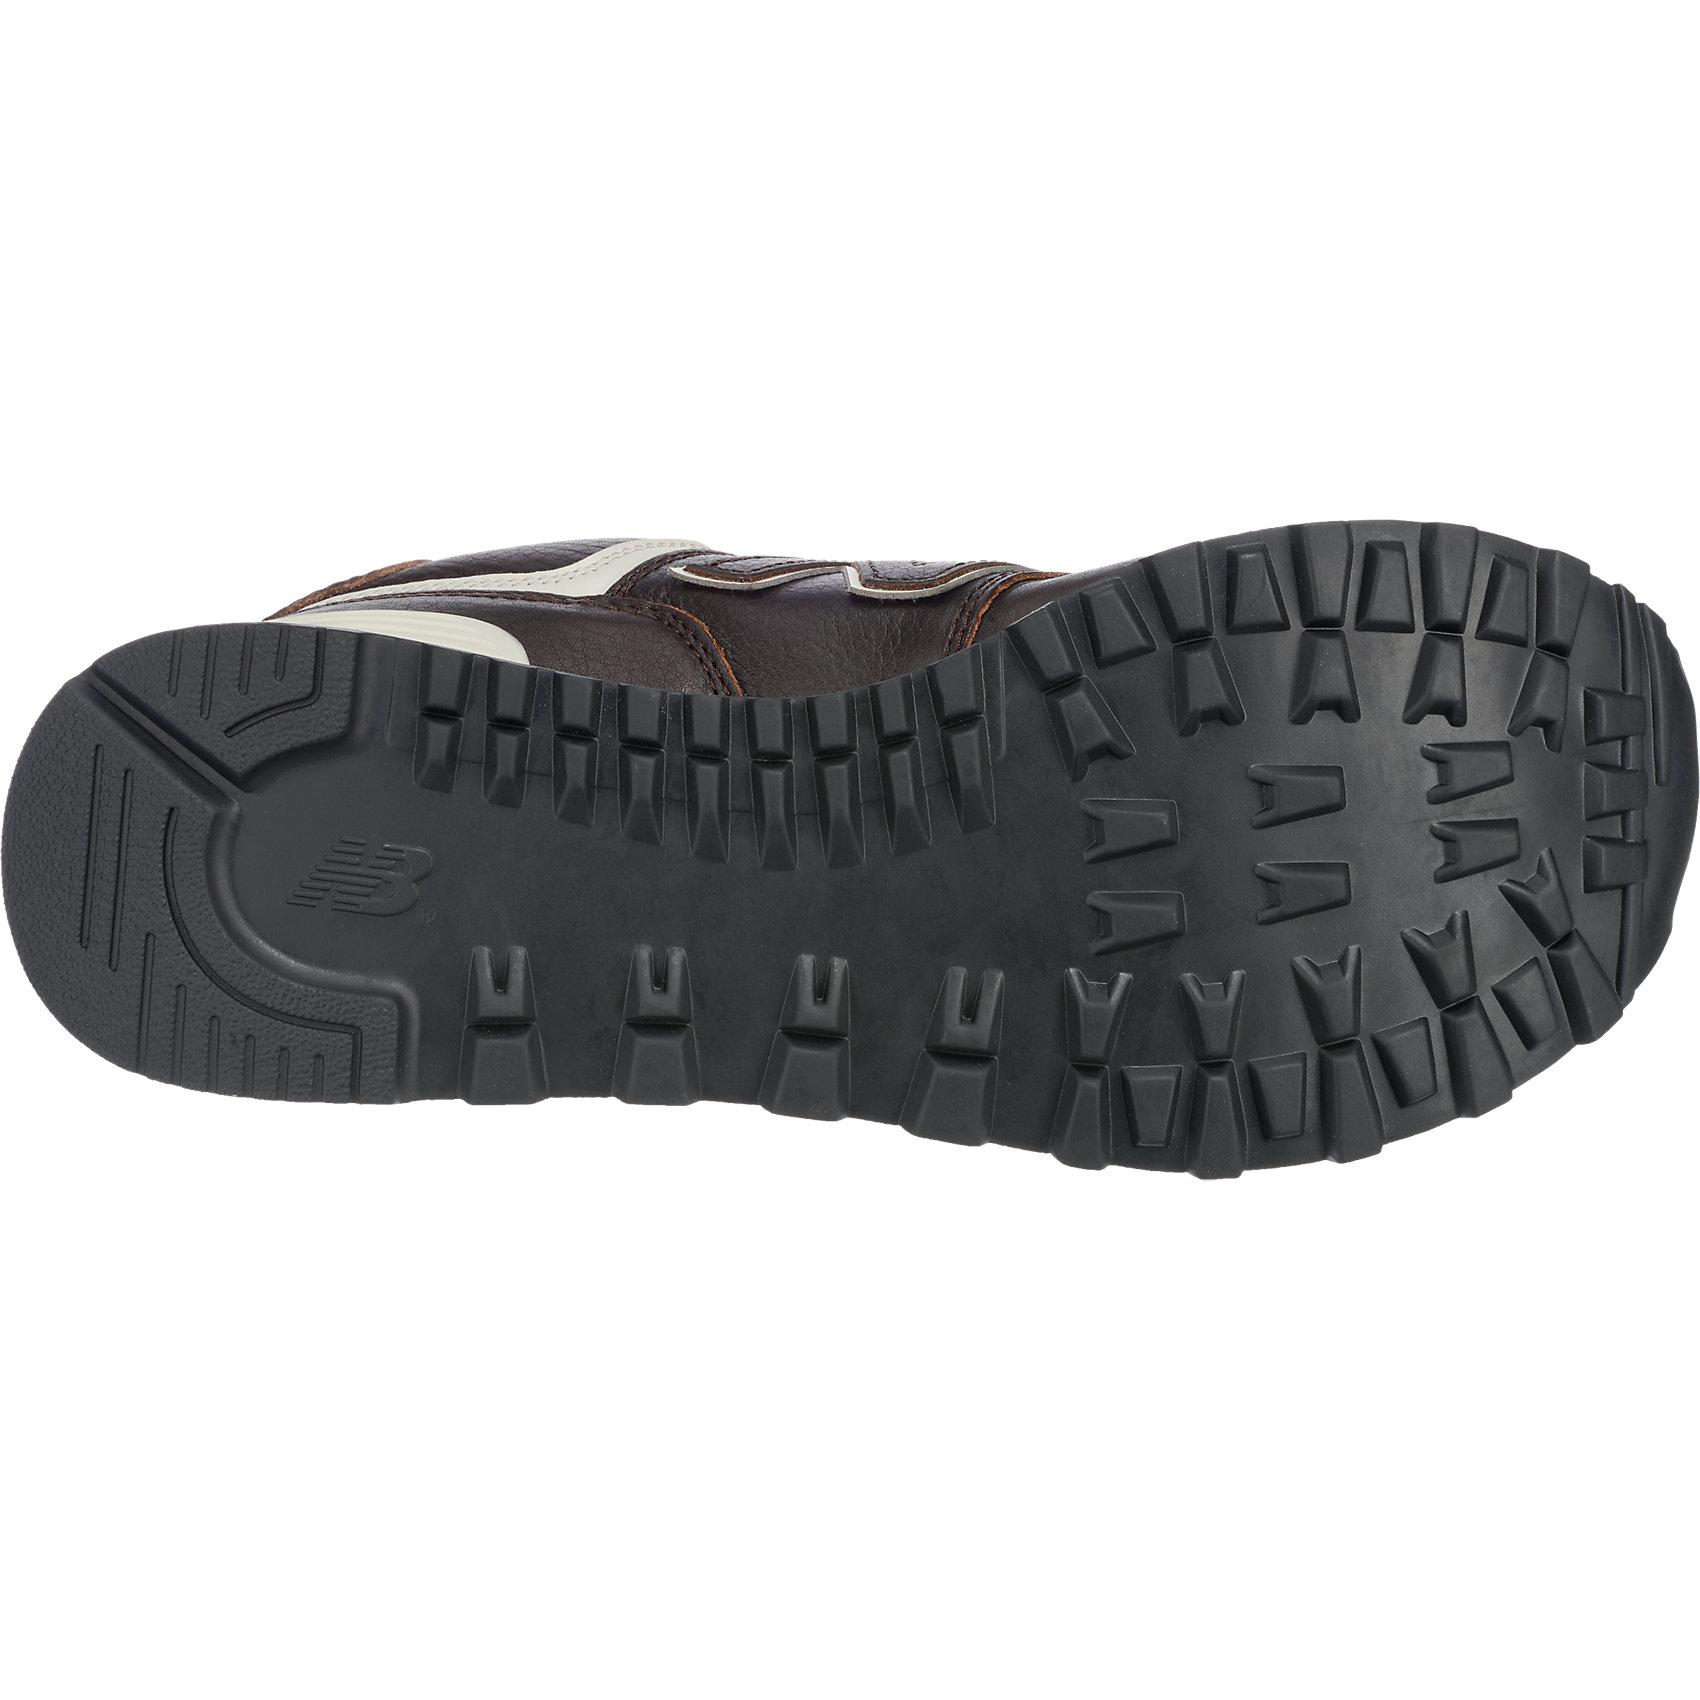 Neu new balance ML574 D Sneakers dunkelbraun 5777908